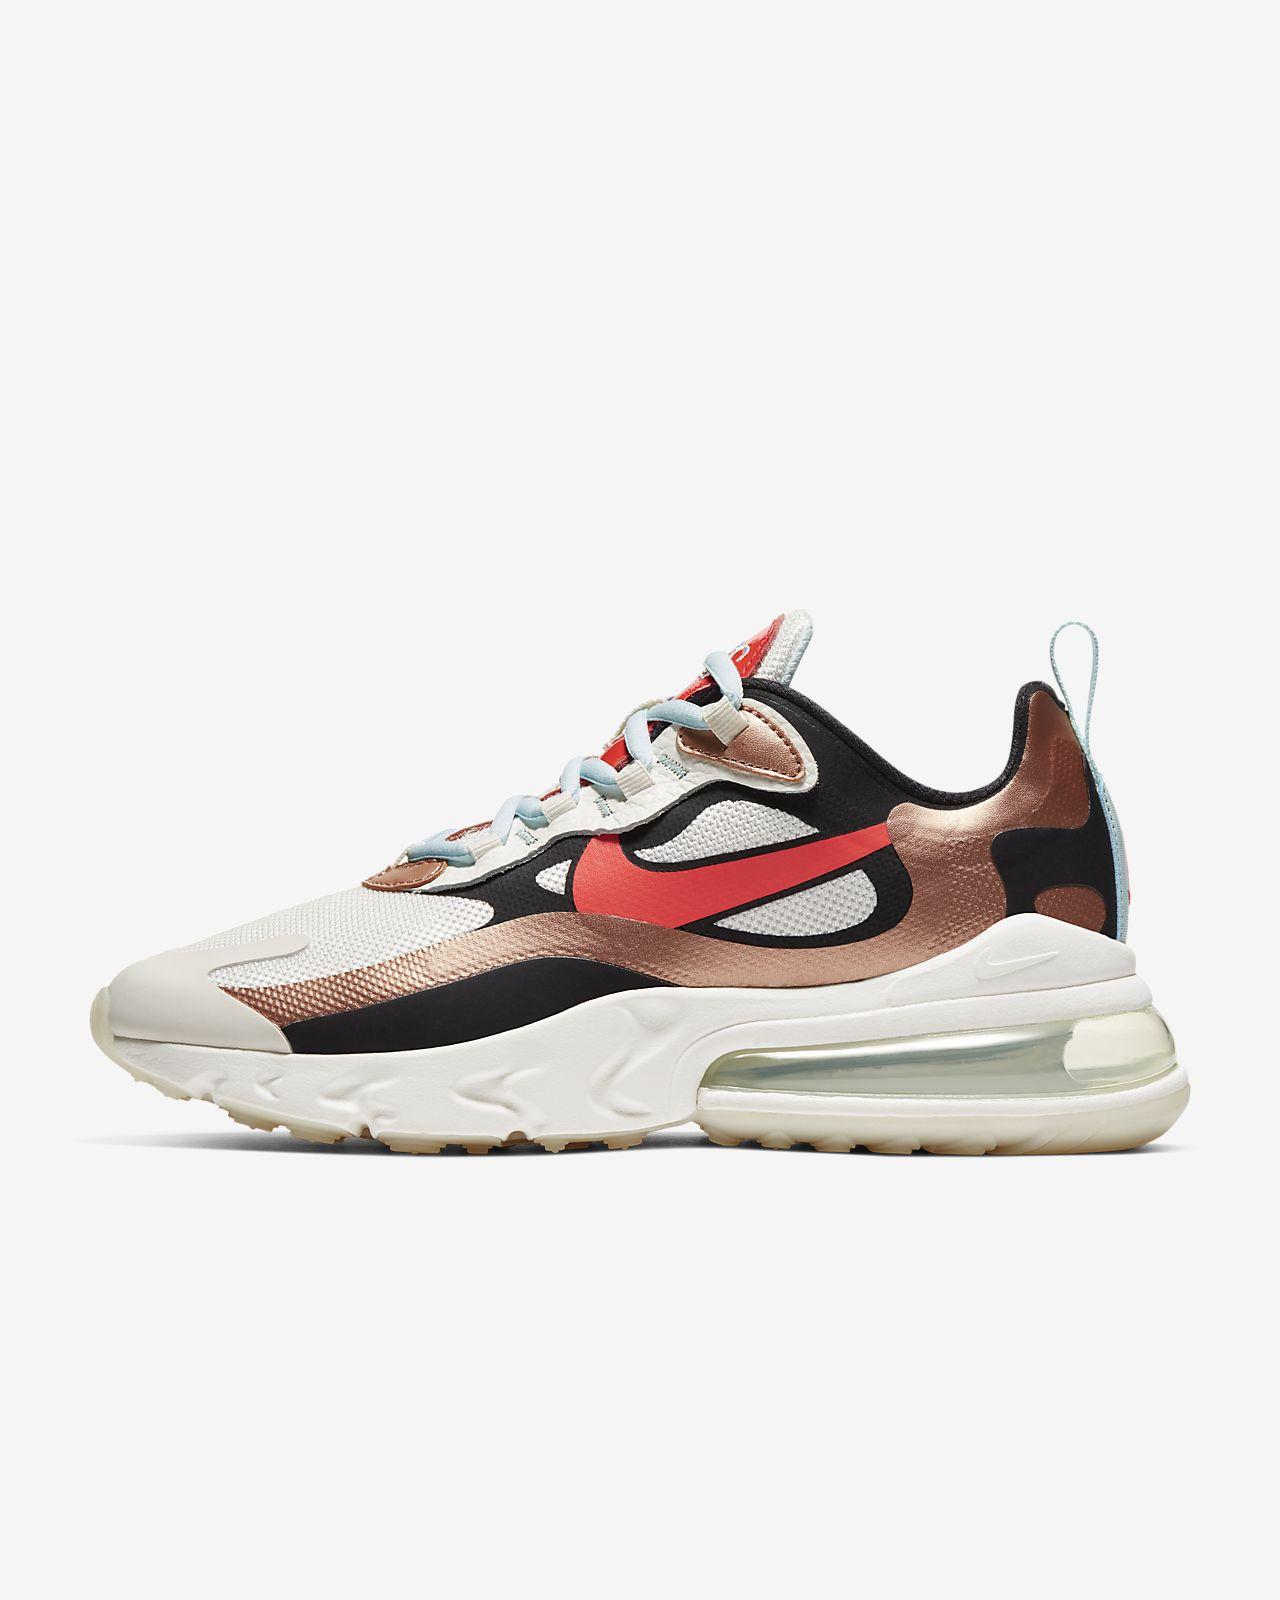 nike femmes chaussures air max 270